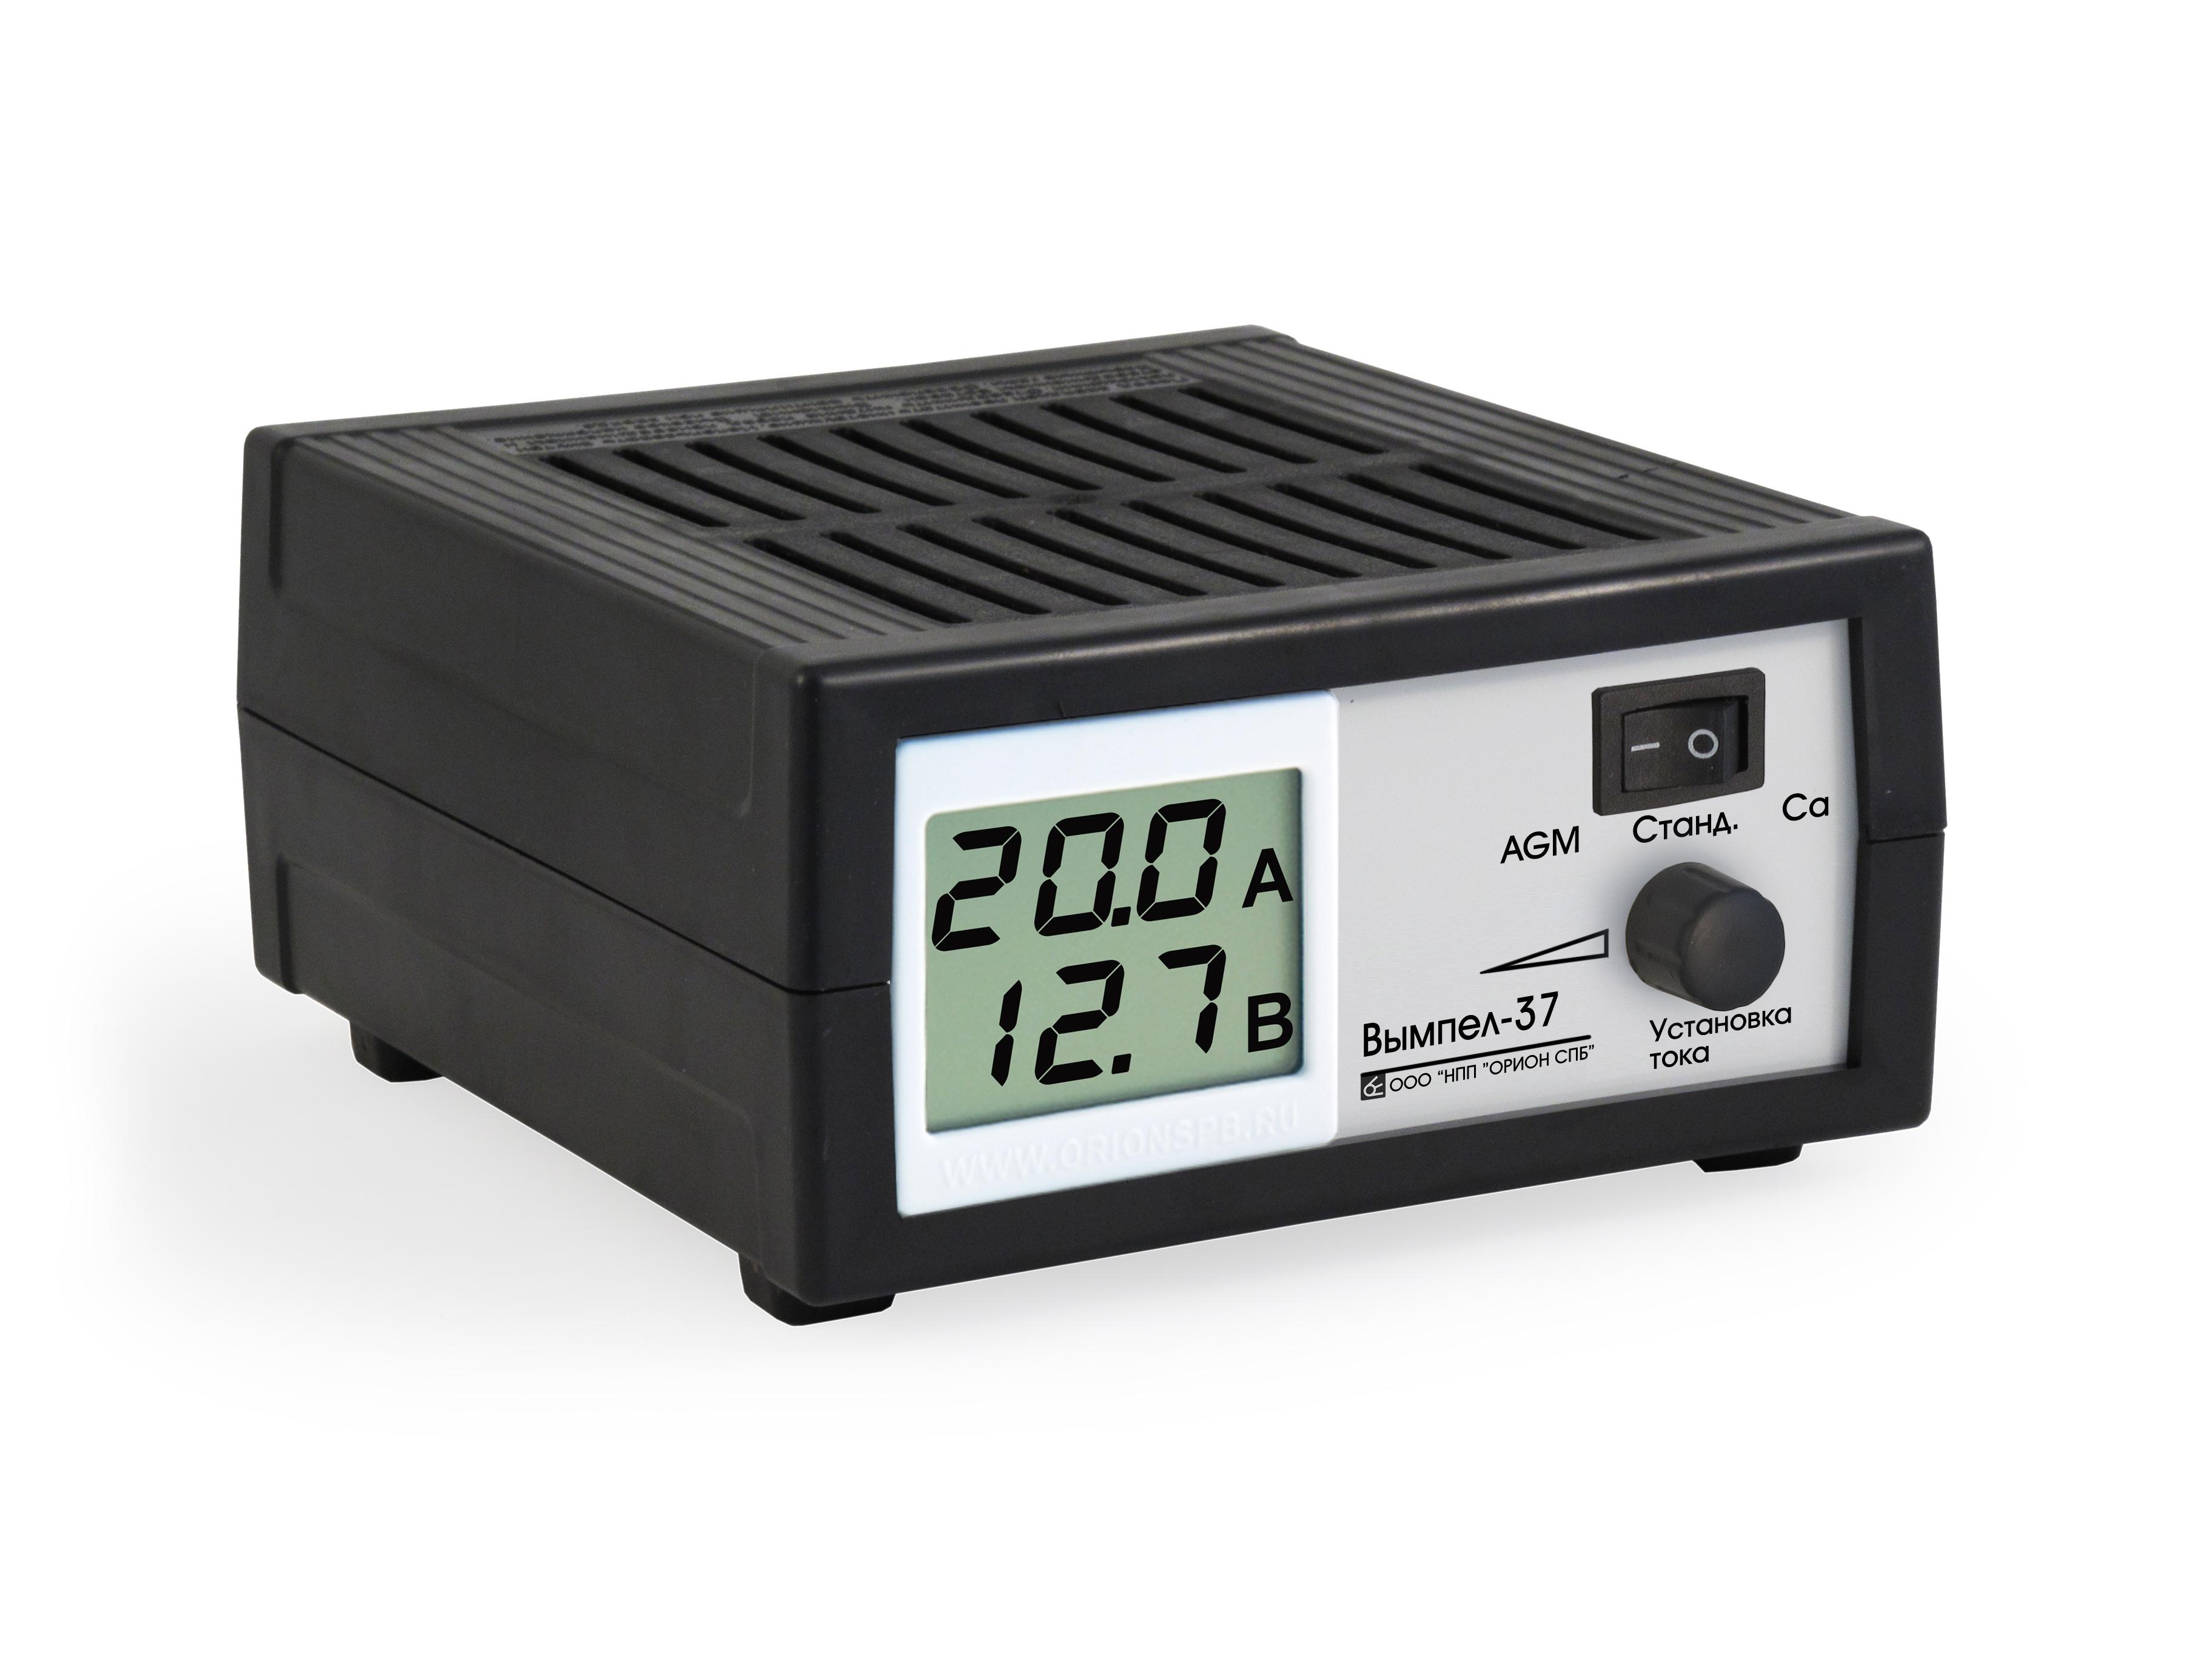 Зарядное устройство Вымпел-37, автомат, сегментный ЖК индикатор, 0-20А, 14,1/14,8/16В зарядное устройство вымпел 57 автомат сегментный жк индикатор 0 20а 7 4 18в